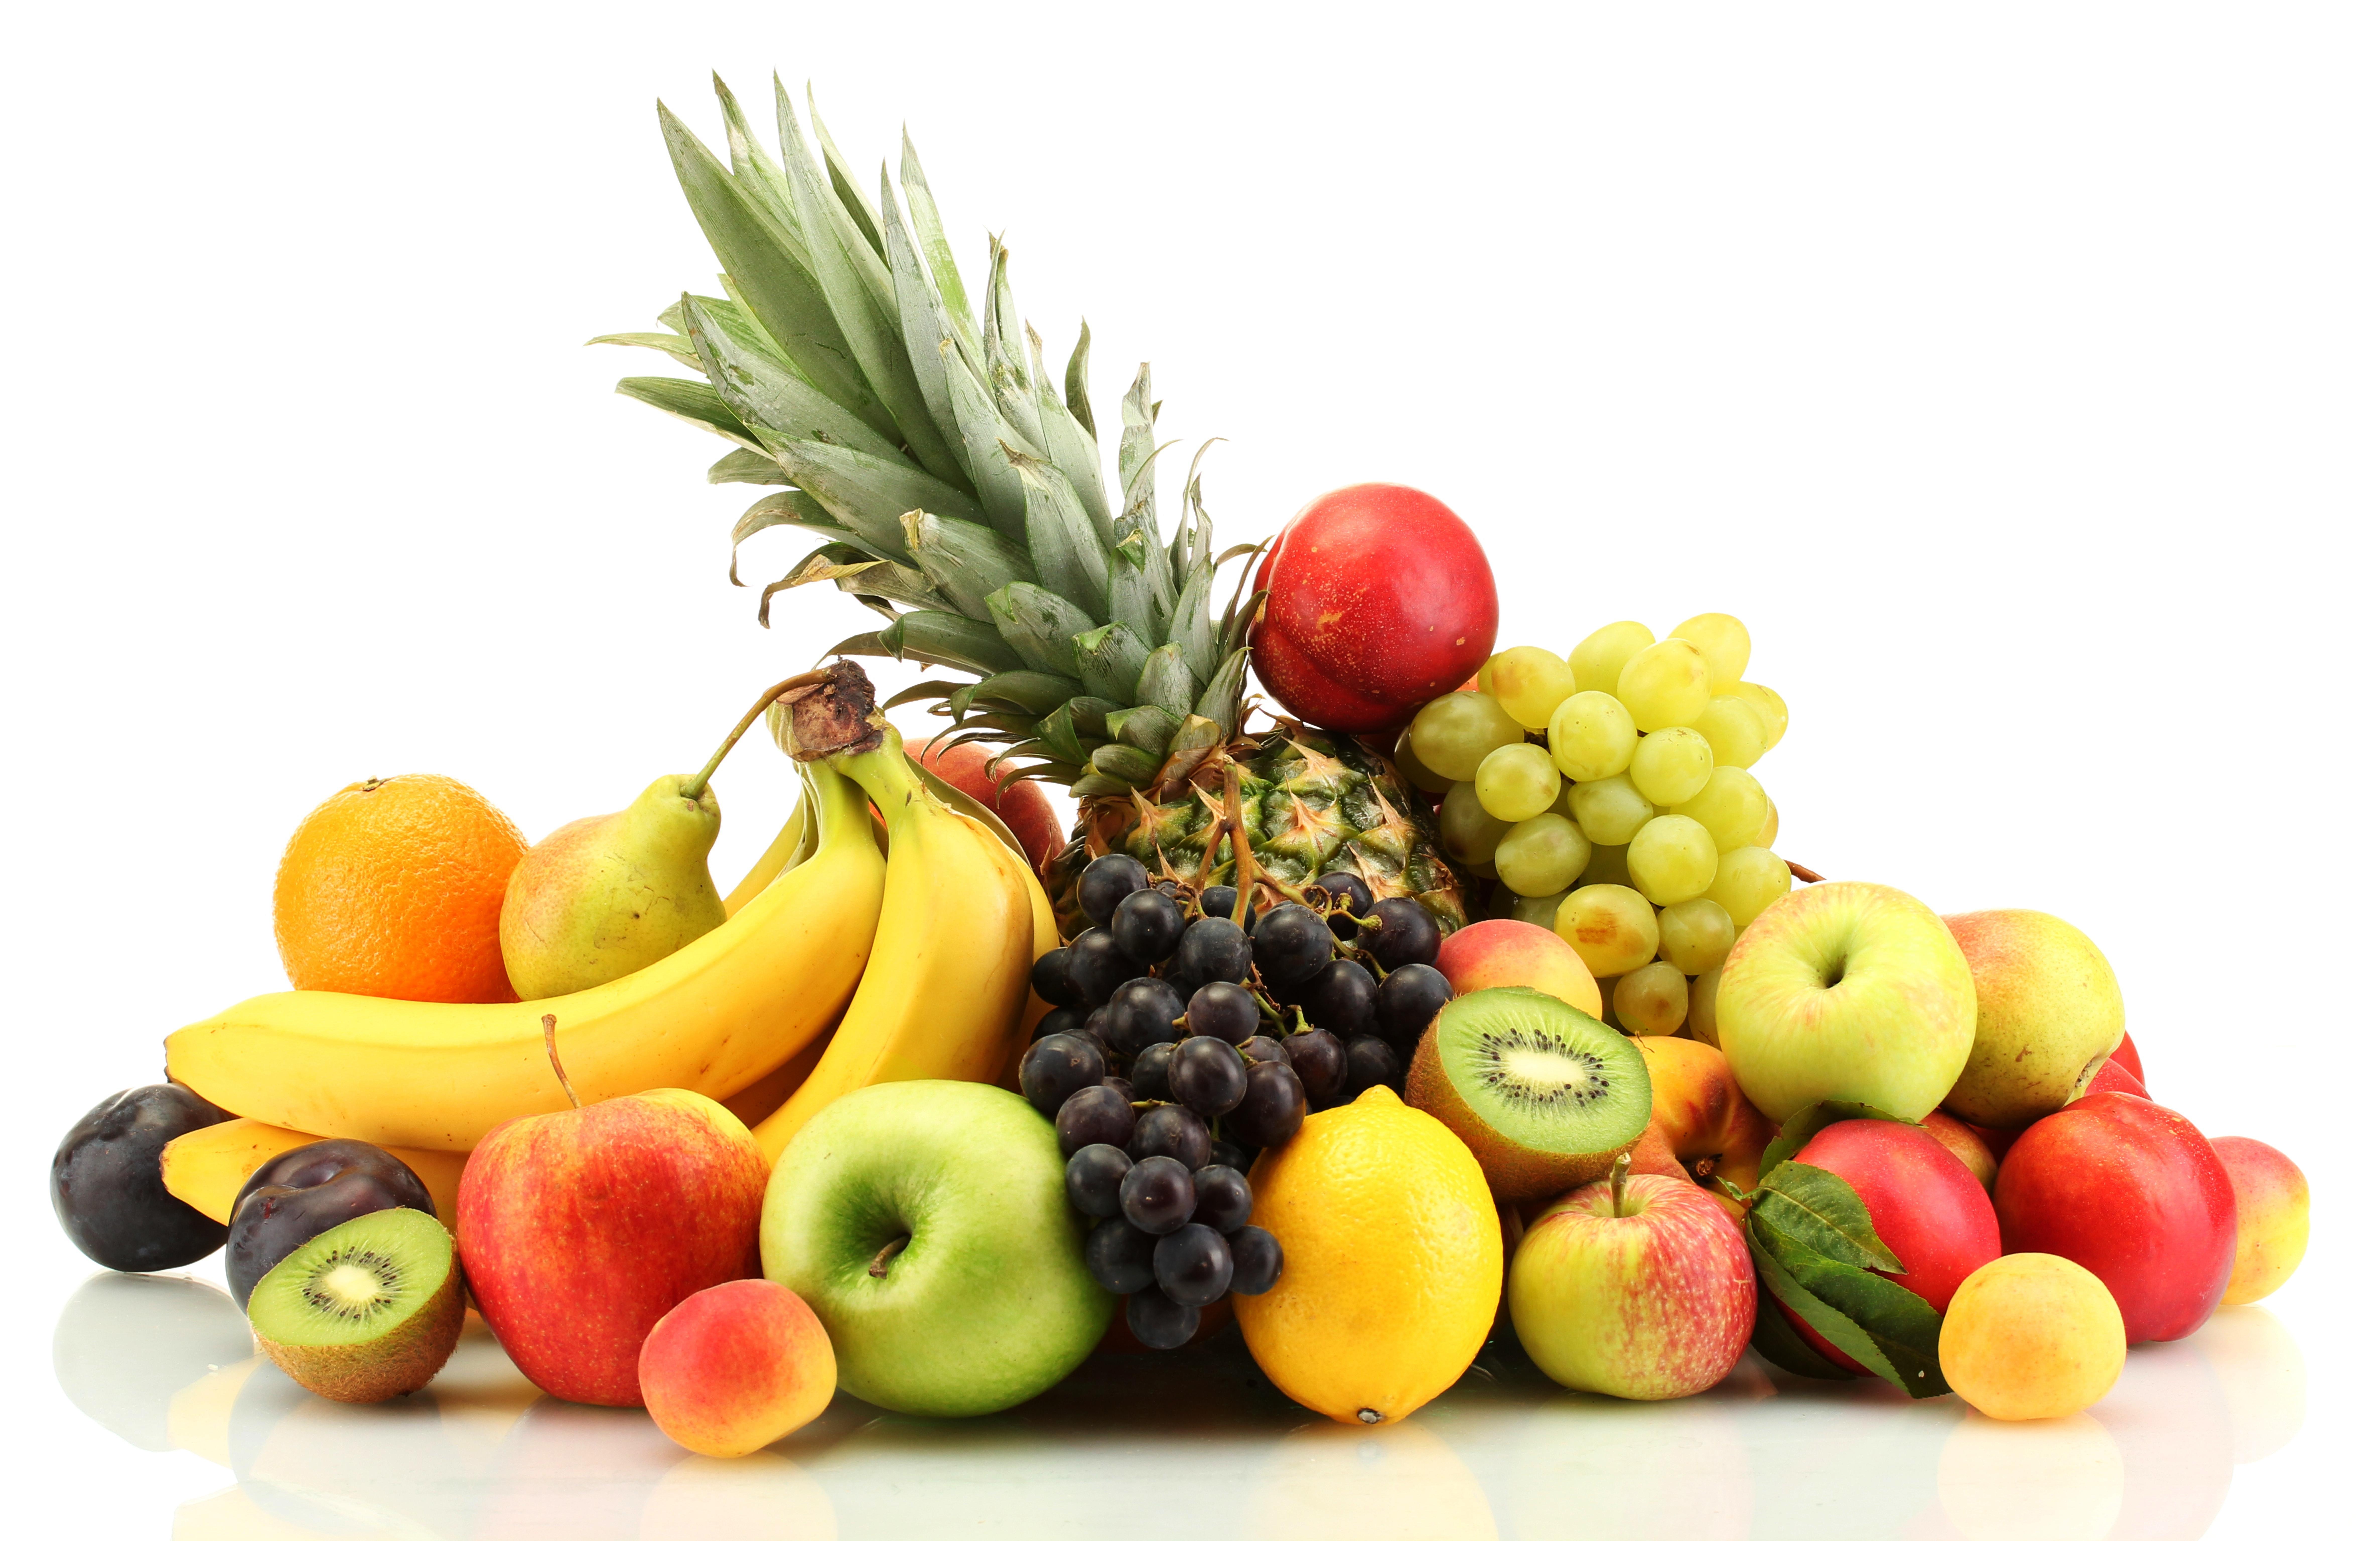 richtige-ernaehrung-essen-konzentration-burnout-arbeit-stress-arbeitsstress-vorbeugen-trinken-wasser-abnehmen